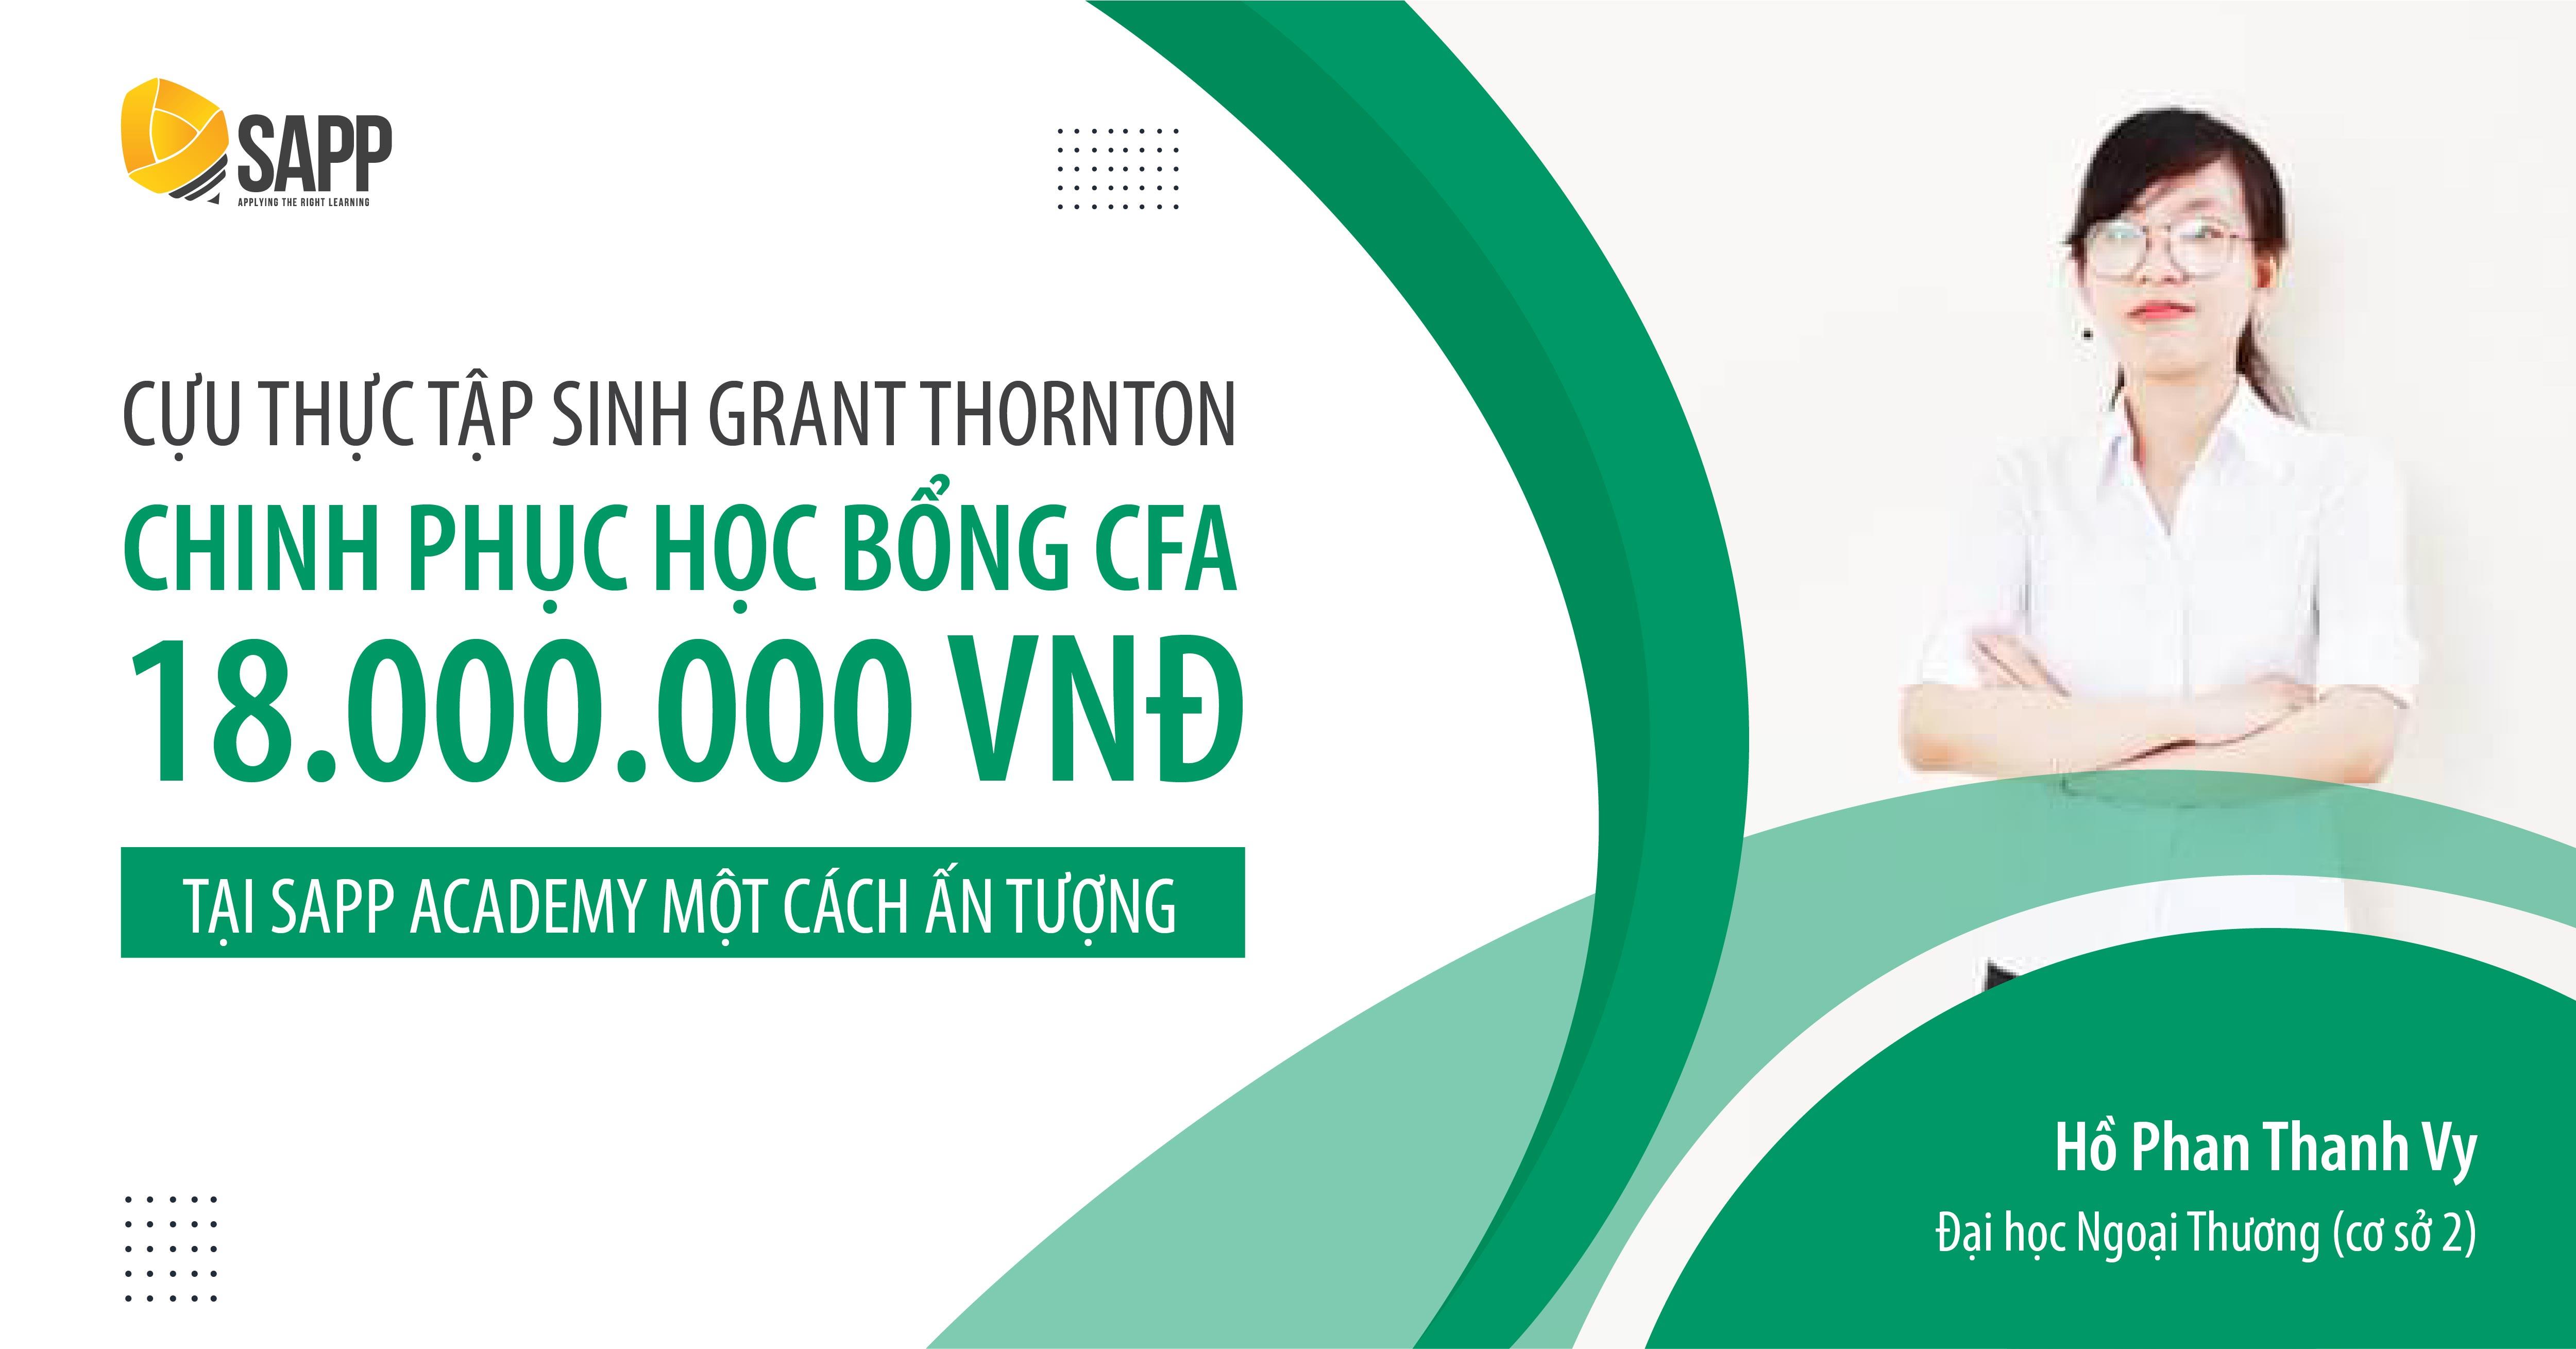 Cô nàng FTU chinh phục học bổng CFA 18.000.000 VNĐ một cách ấn tượng